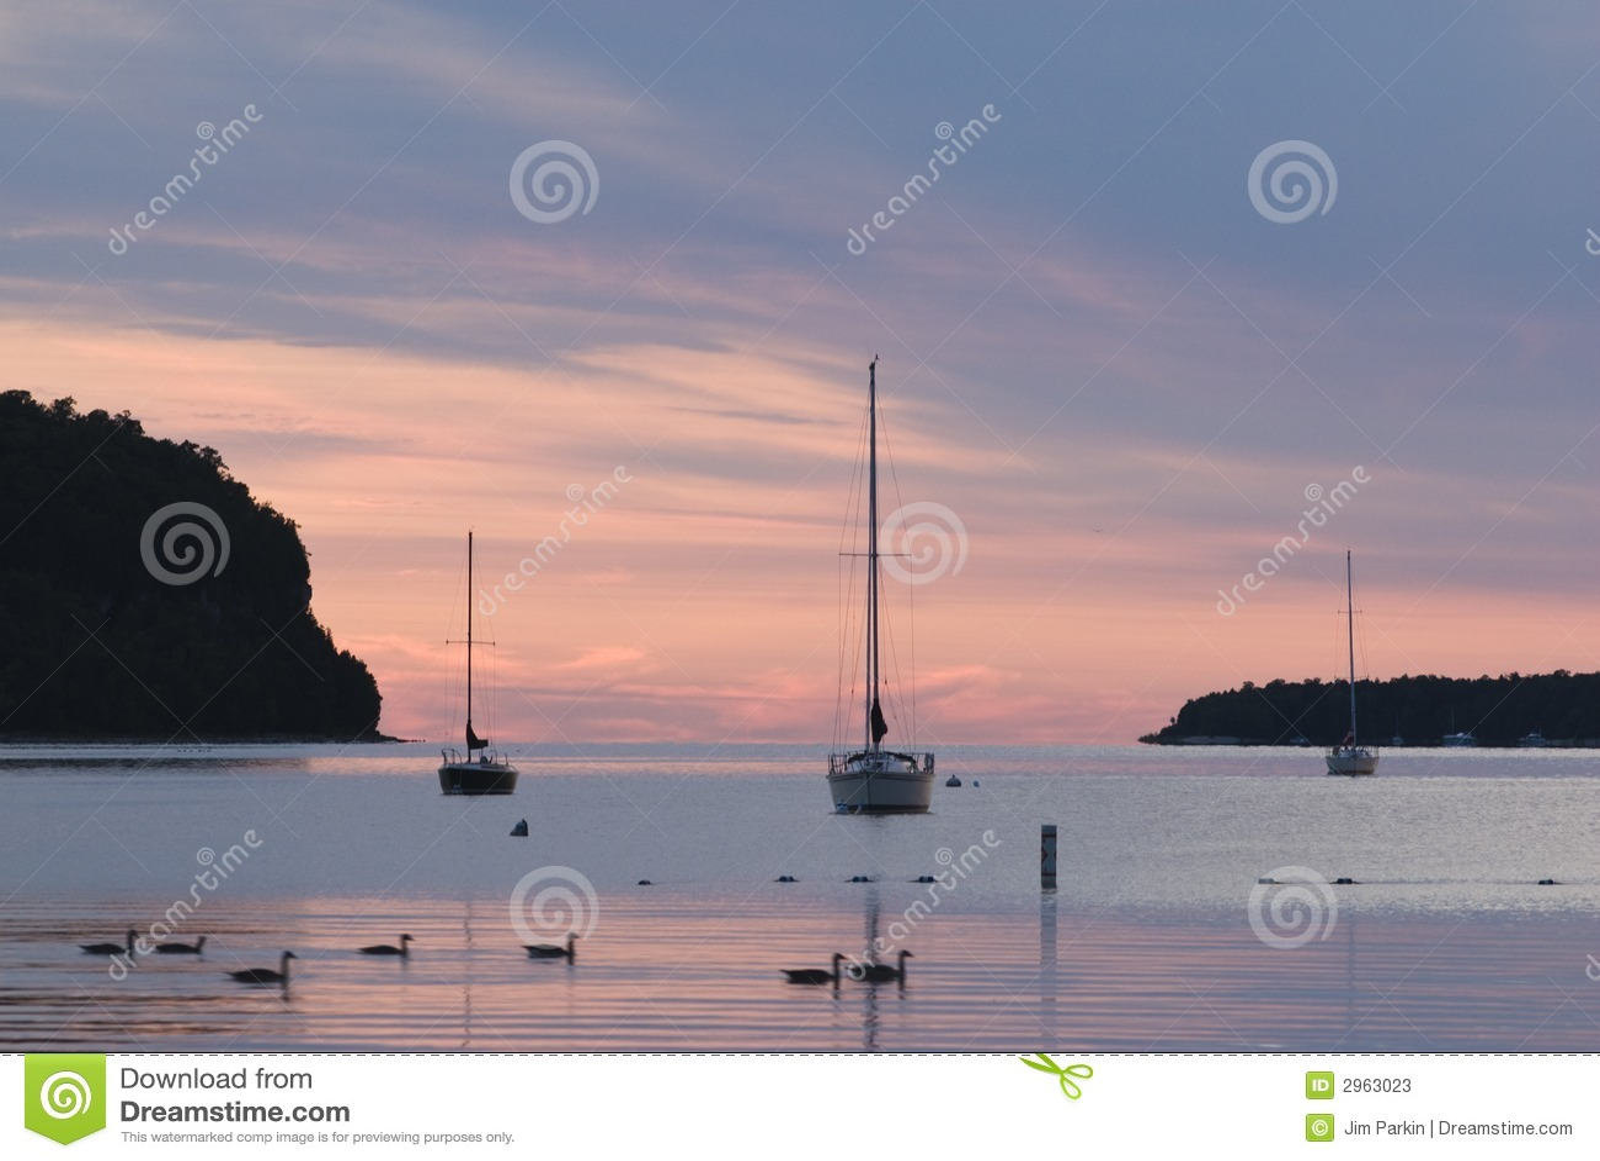 Bateaux à voiles au coucher du soleil